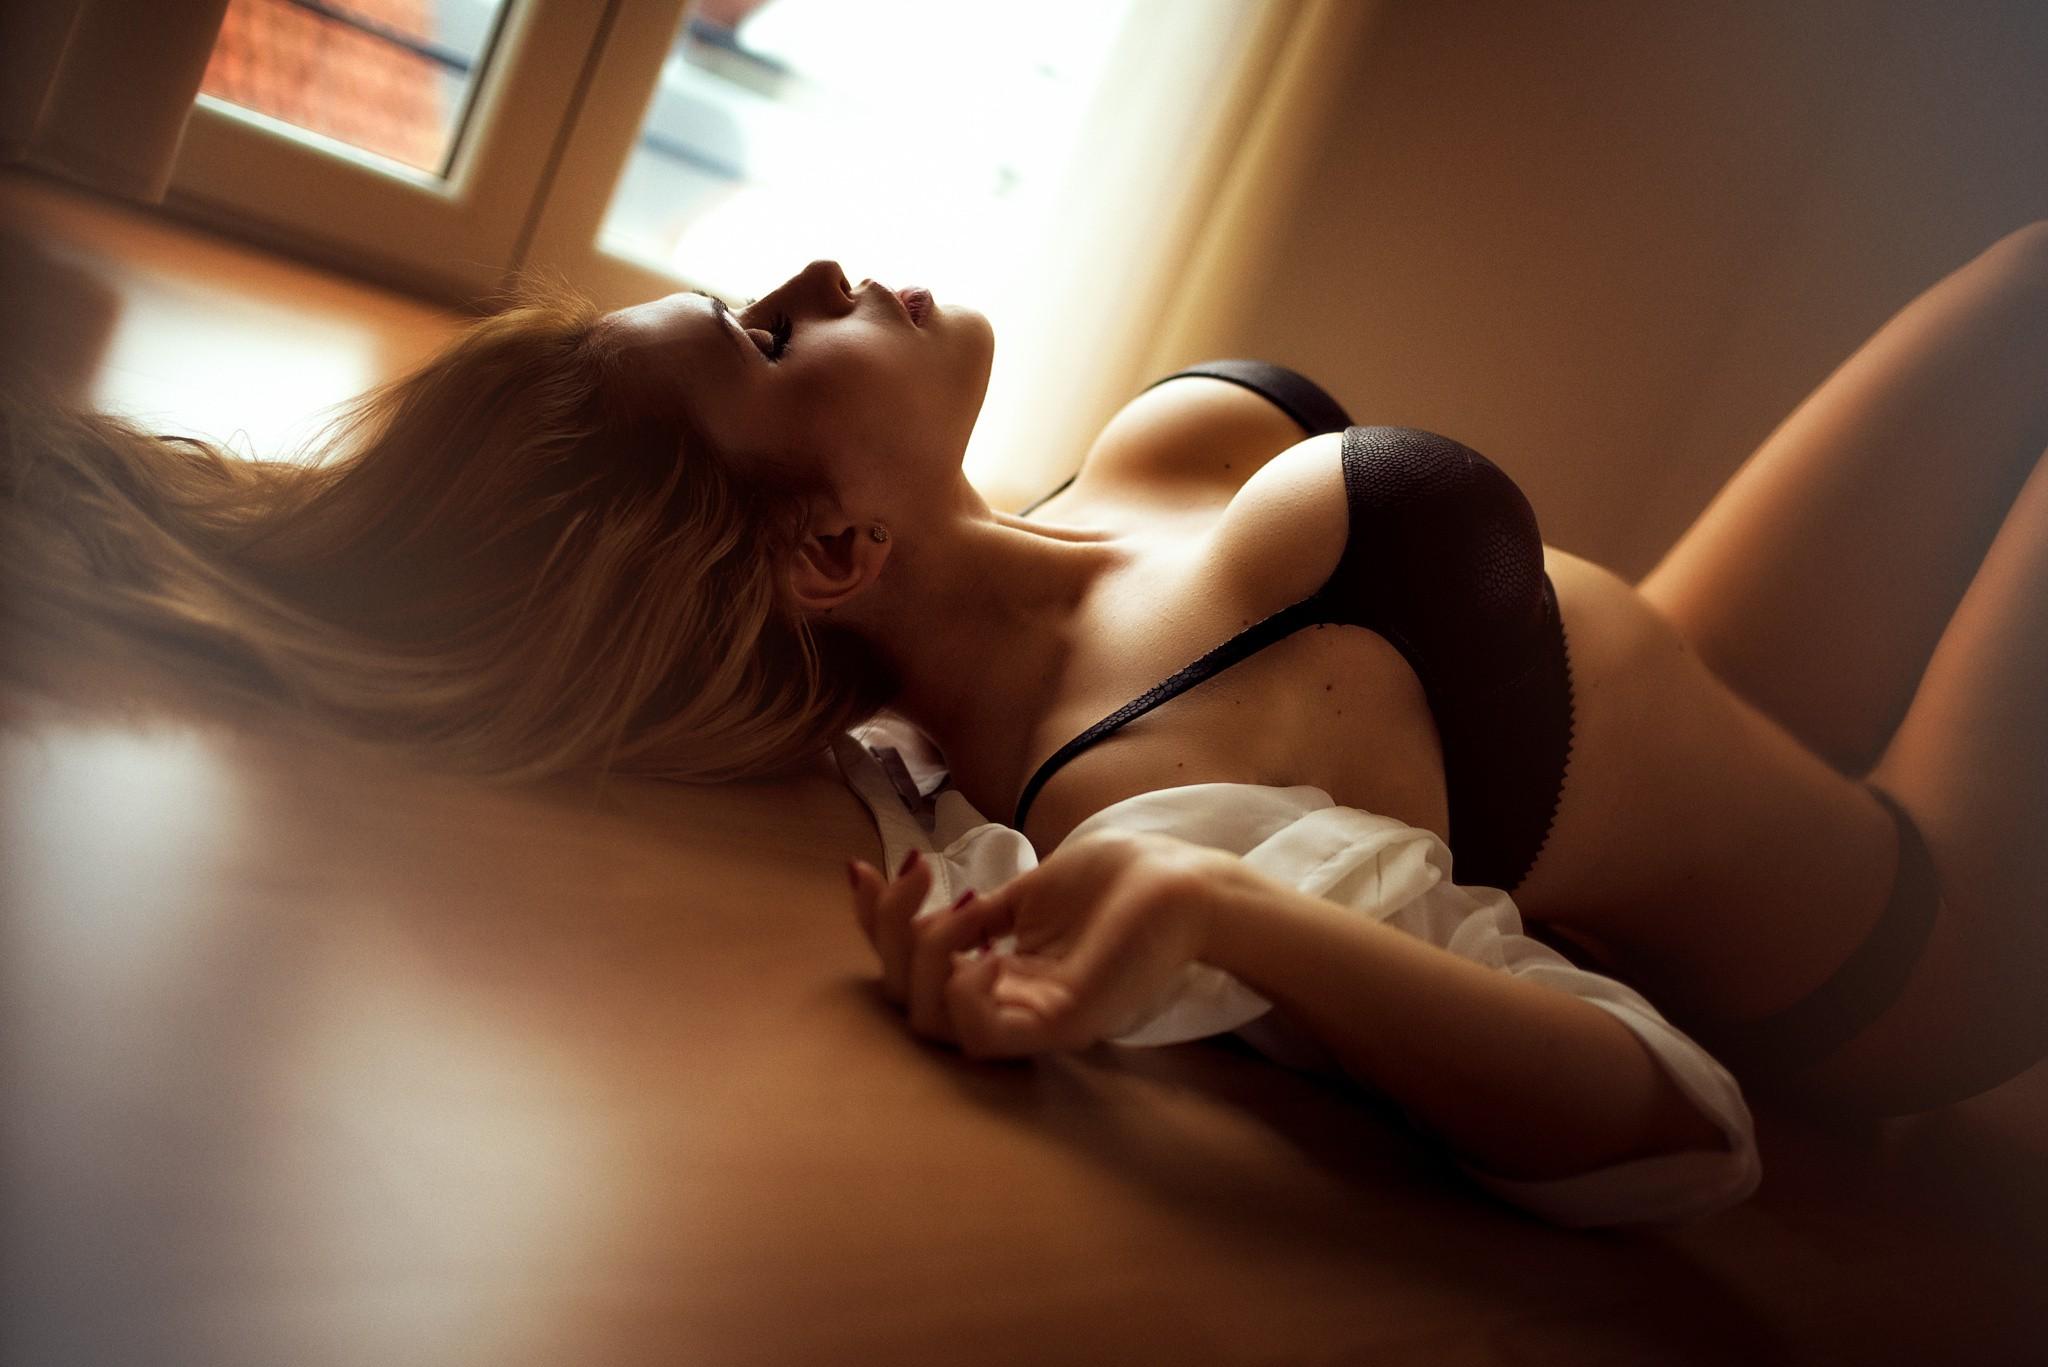 utro-seksualnoy-blondinkoy-video-rekordi-ginnessa-foto-porno